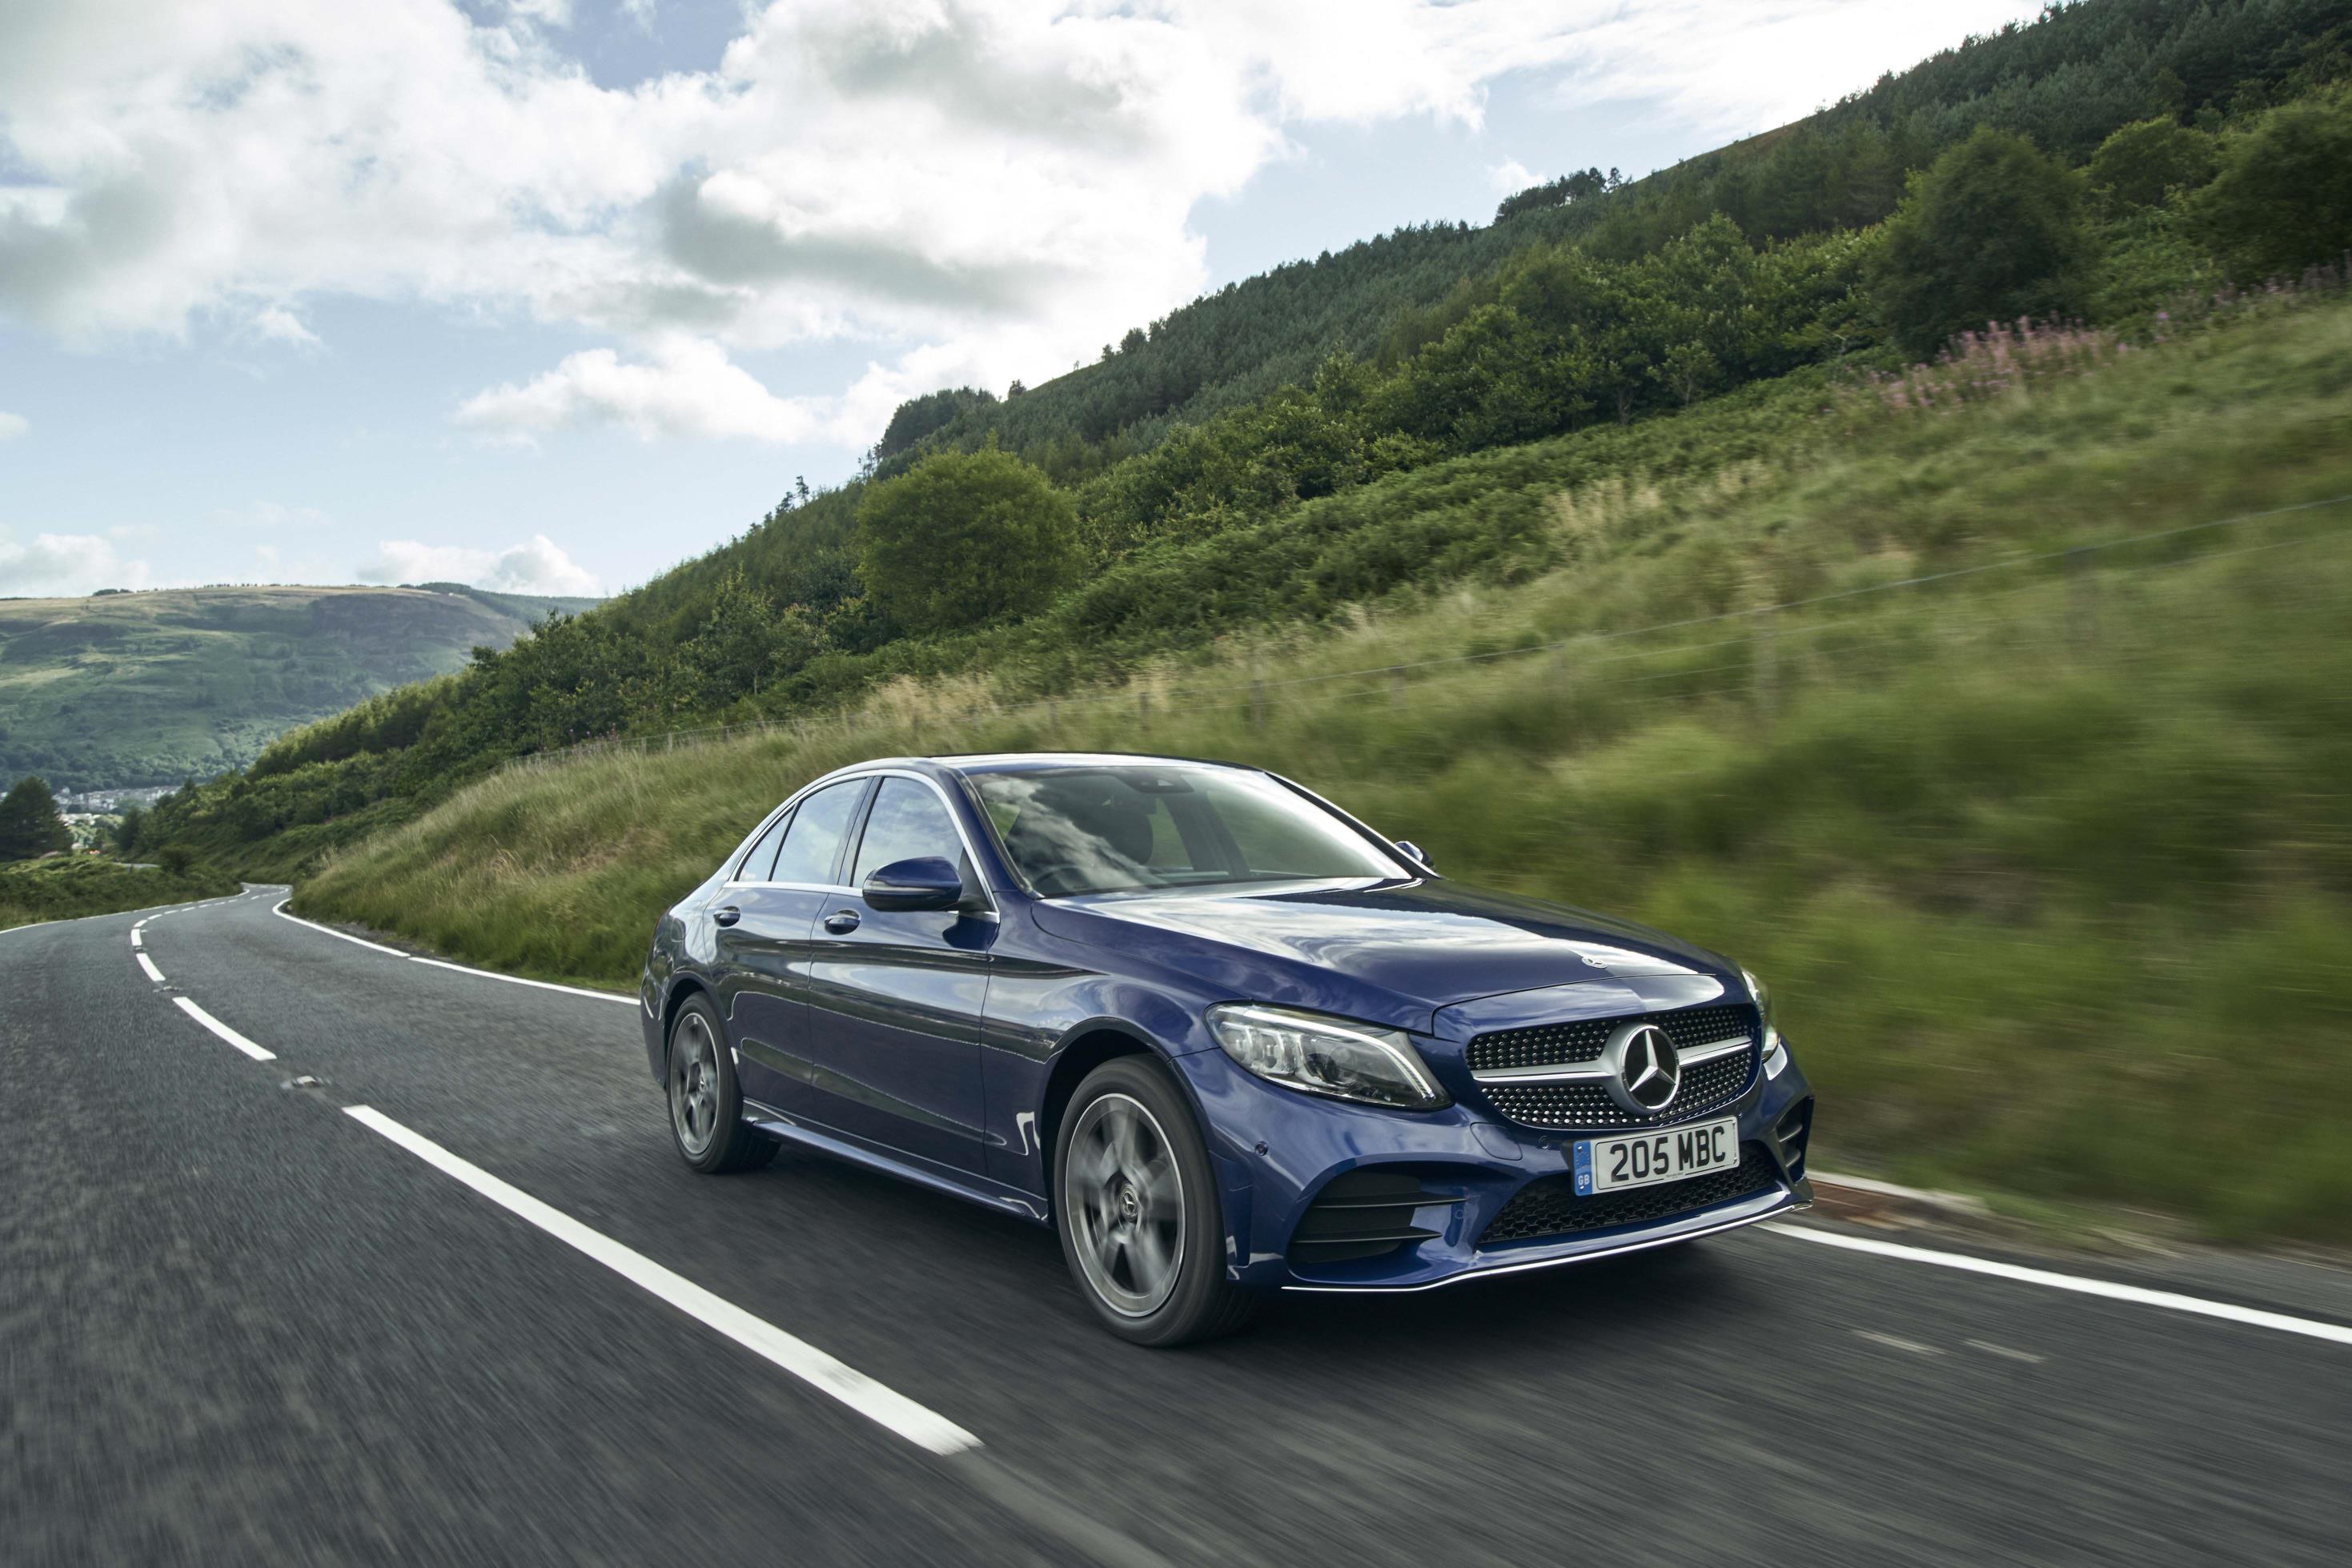 Mercedes Benz Classe C sedã em movimento na estrada